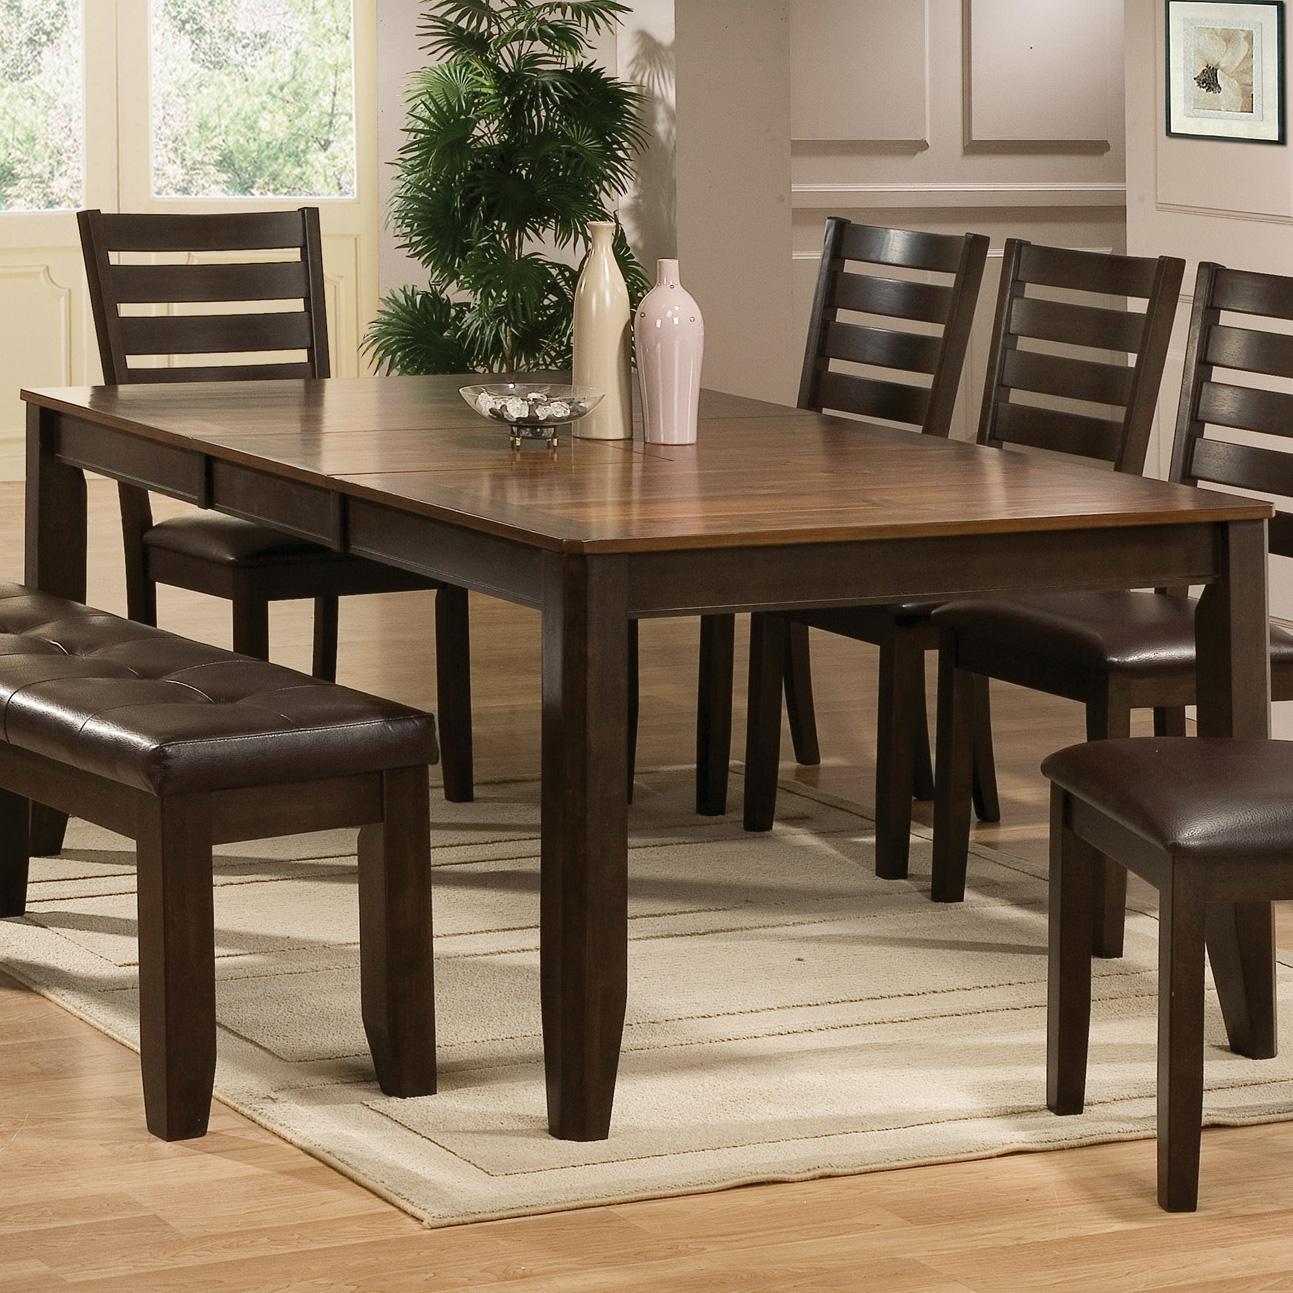 Crown Mark Elliott Dining Table - Item Number: 2328T-4272